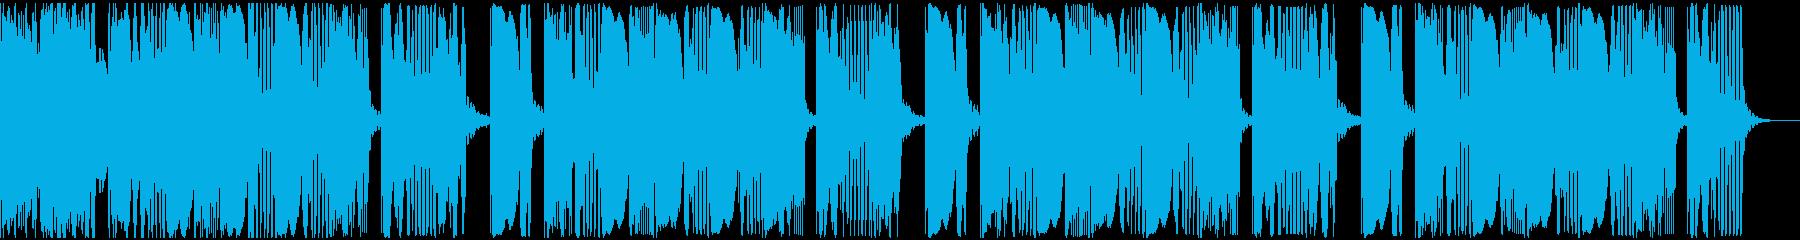 【アンビエント】ロング2、ショート3の再生済みの波形